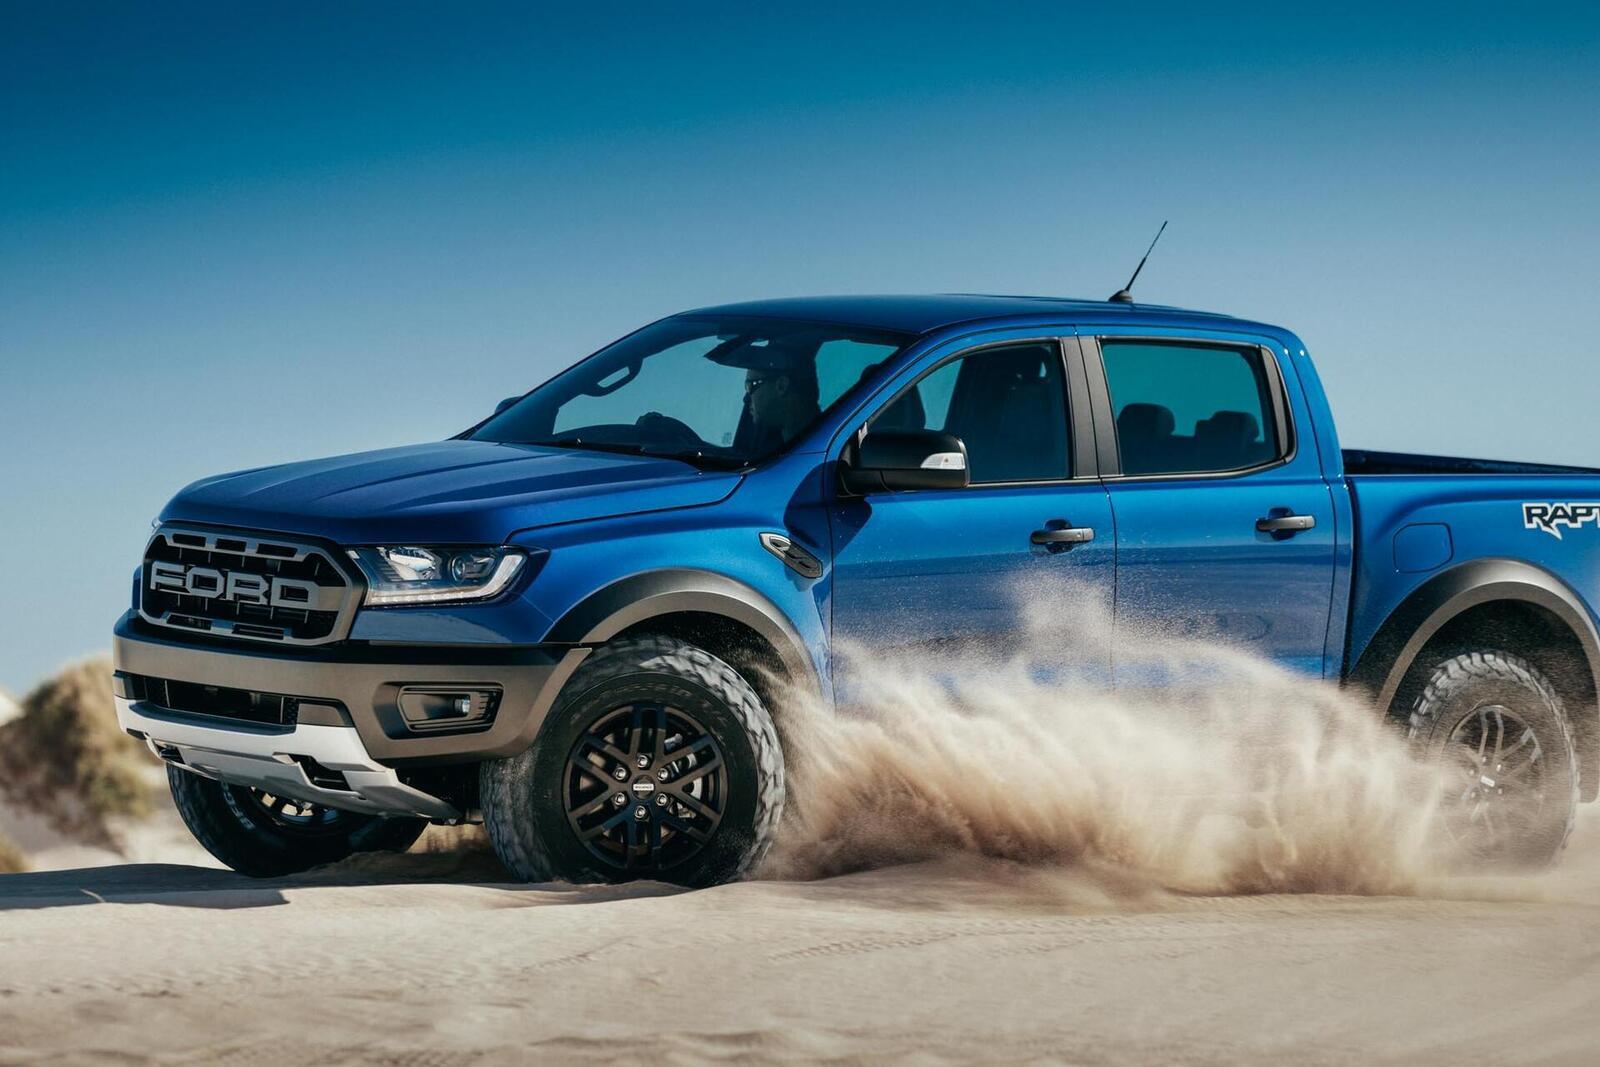 Ford Ranger đạt doanh số kỷ lục tại Châu Á Thái Bình Dương năm thứ 10 liên tiếp - Hình 4